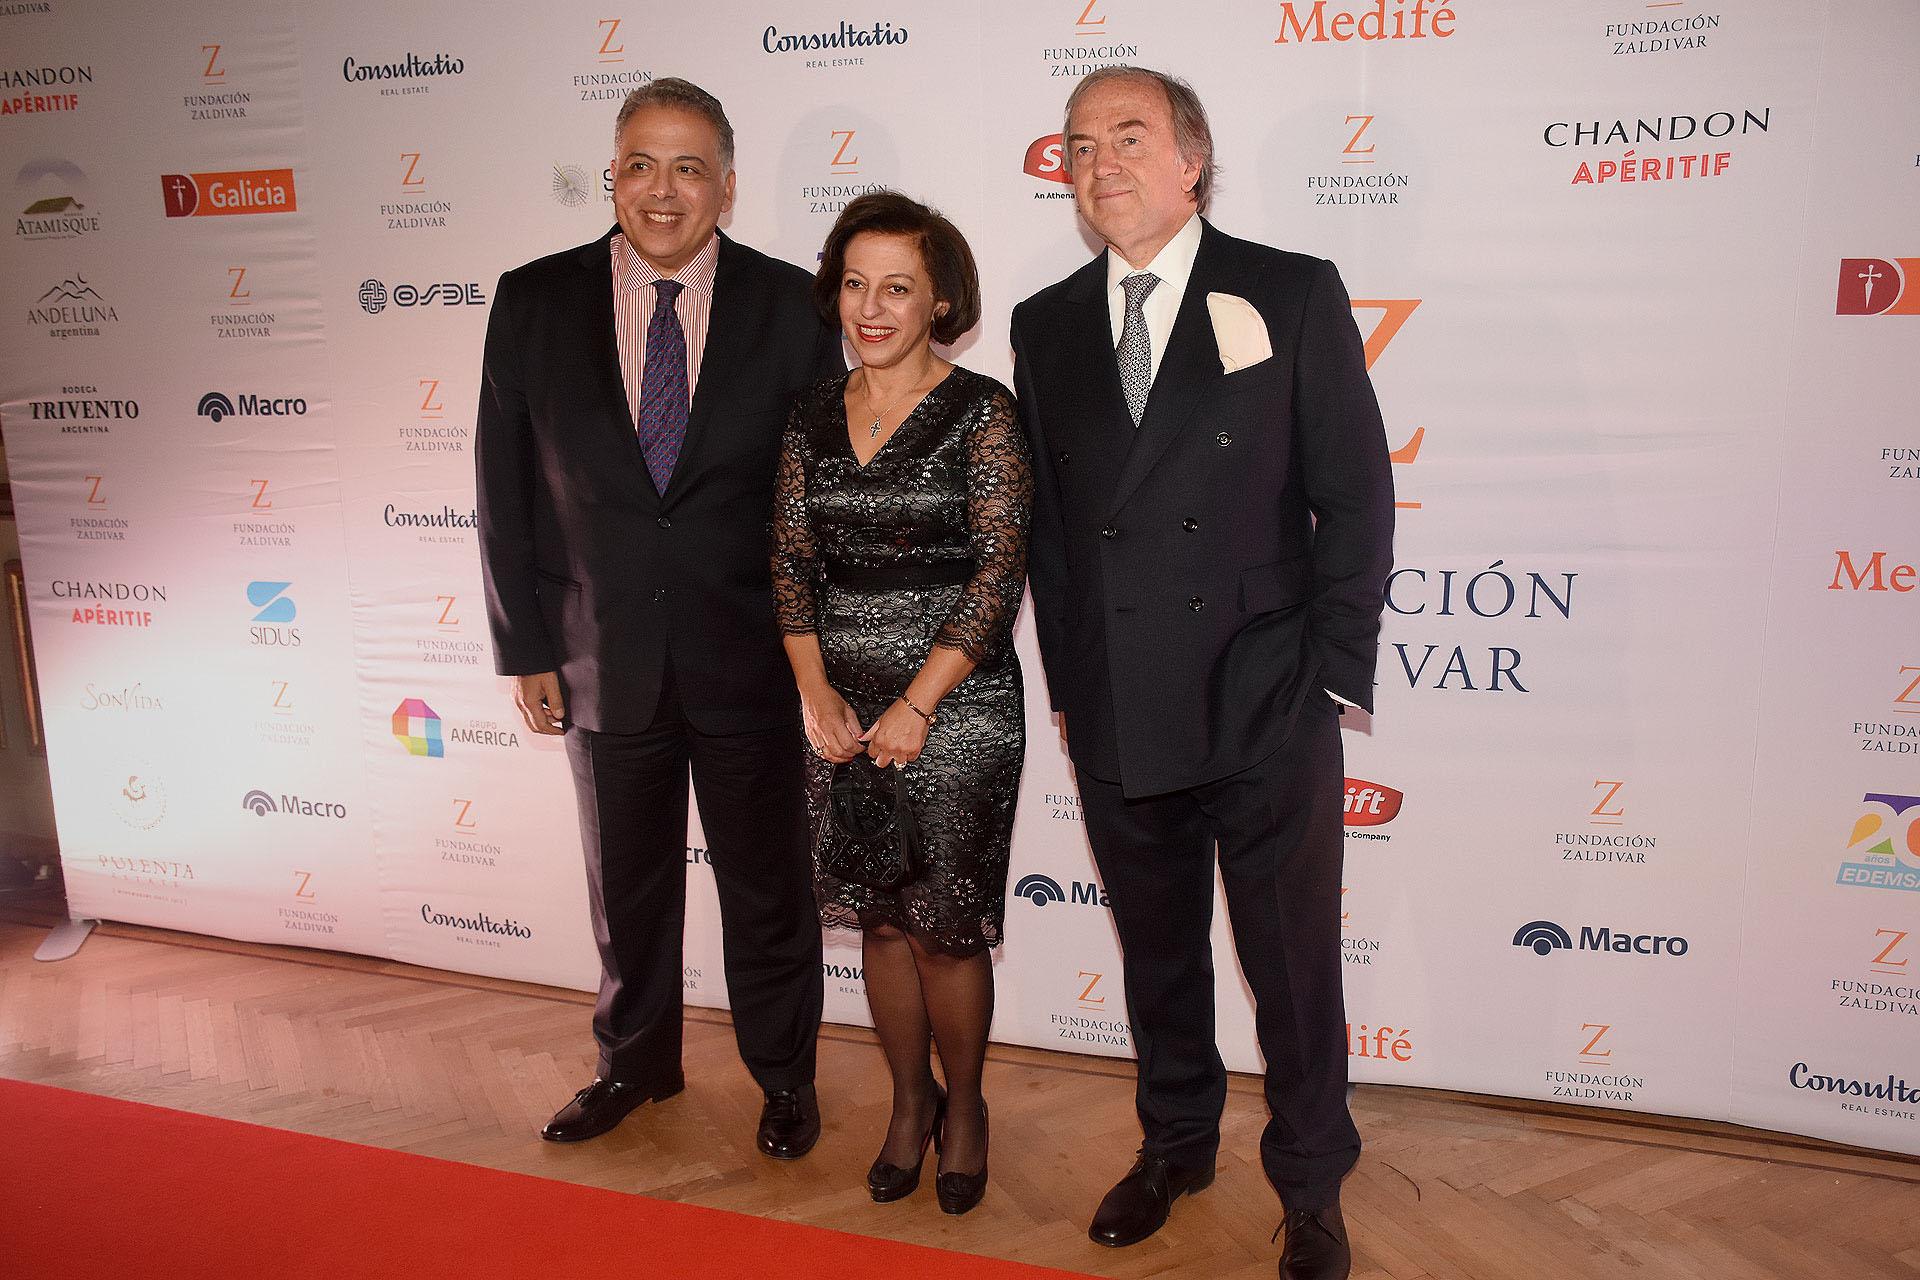 El embajador de Egipto, Amin Meleika junto a Roberto Zaldivar